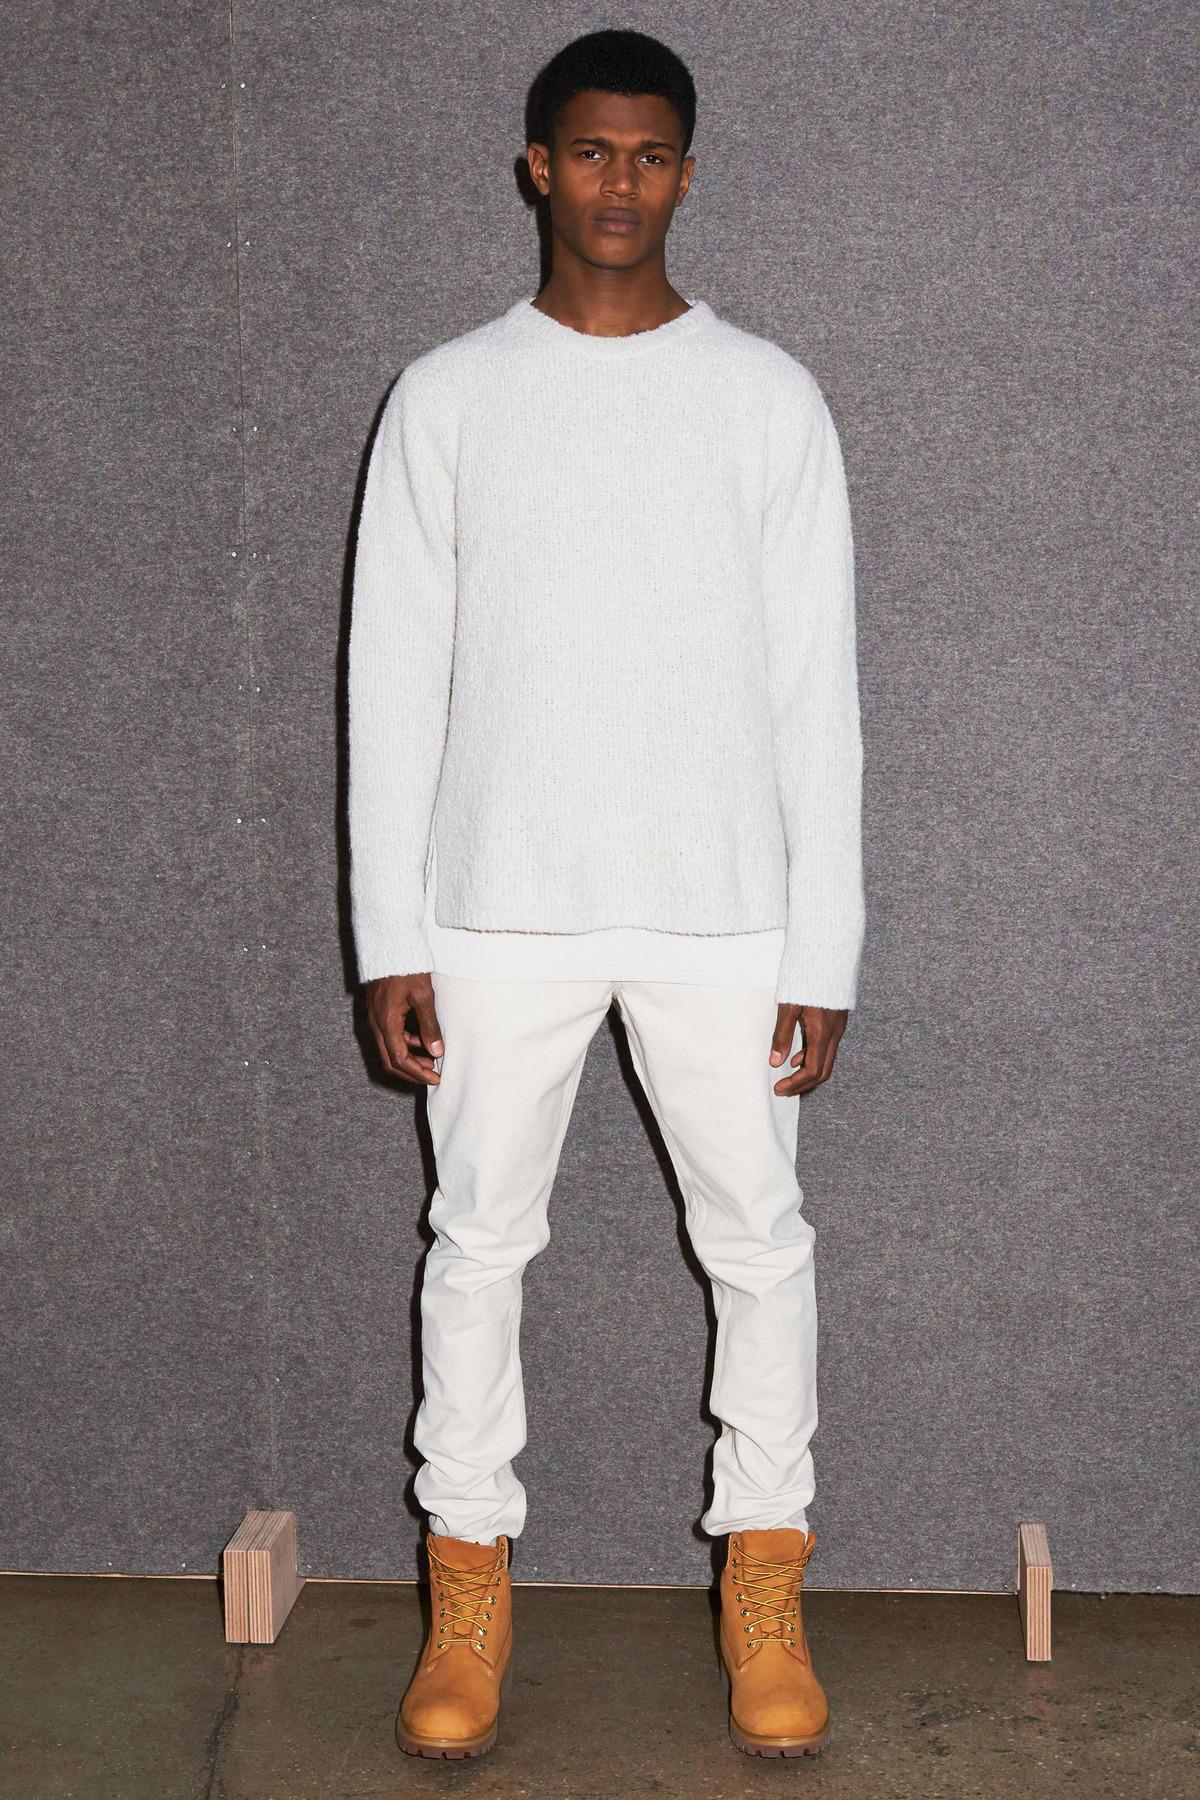 Kanye West Designer Shirt | Are Kanye Jeans Goat Page 2 Kanye West Forum